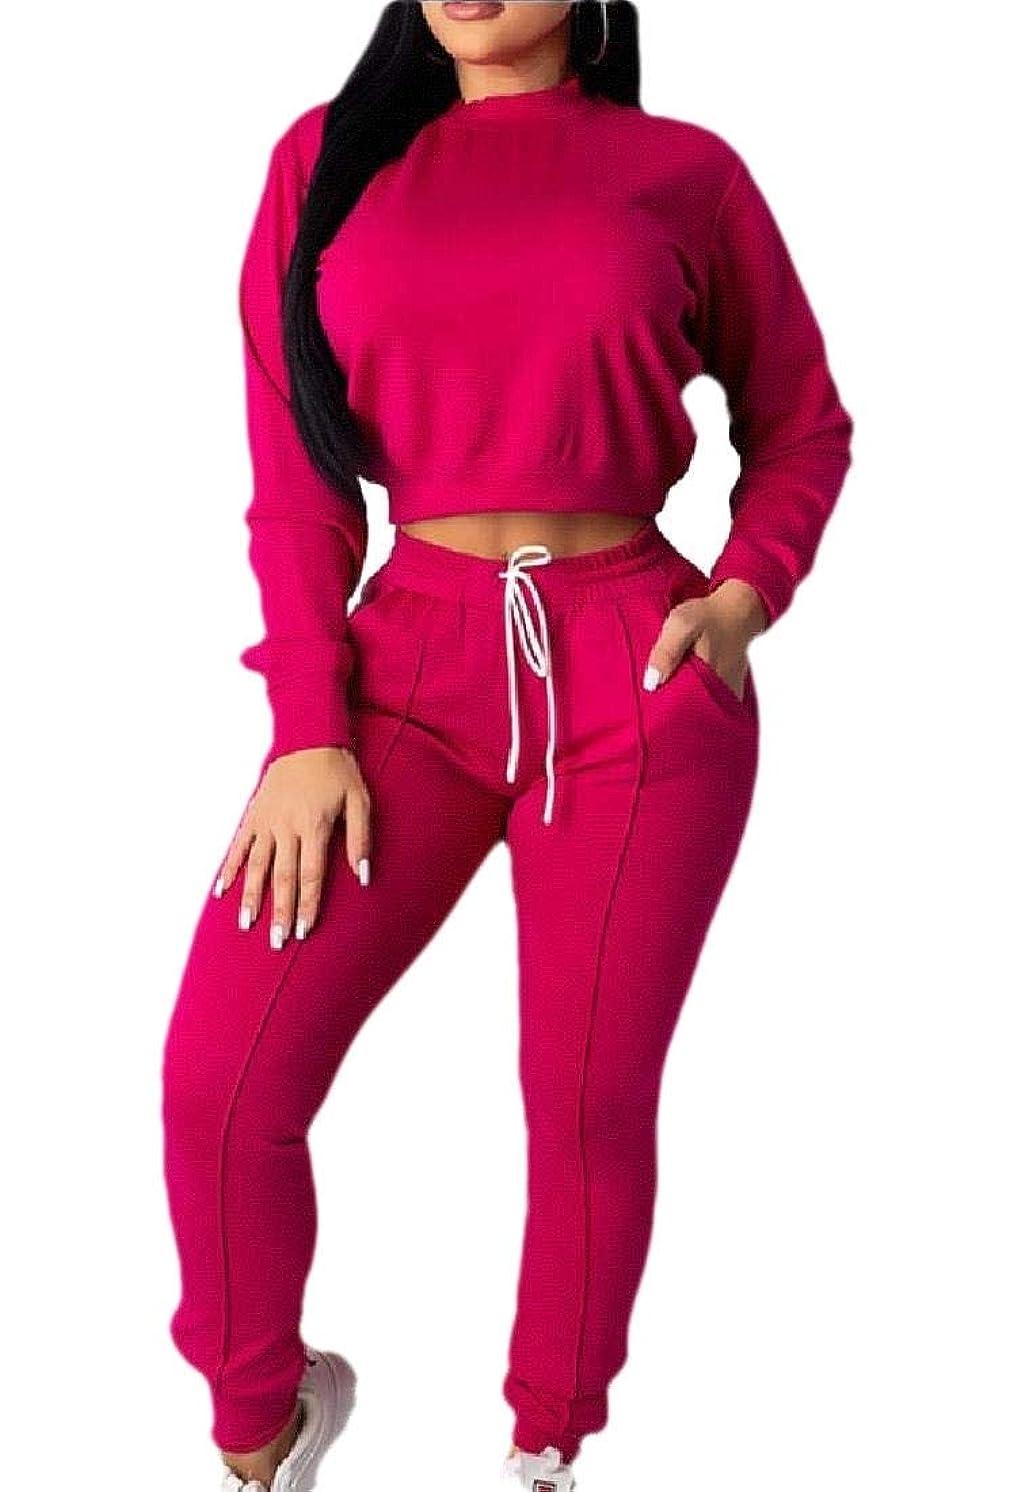 ストレージペース可聴Womens Sexy 2 Piece Outfits Tracksuits Long Sleeve Crop Tops Long Pant Set